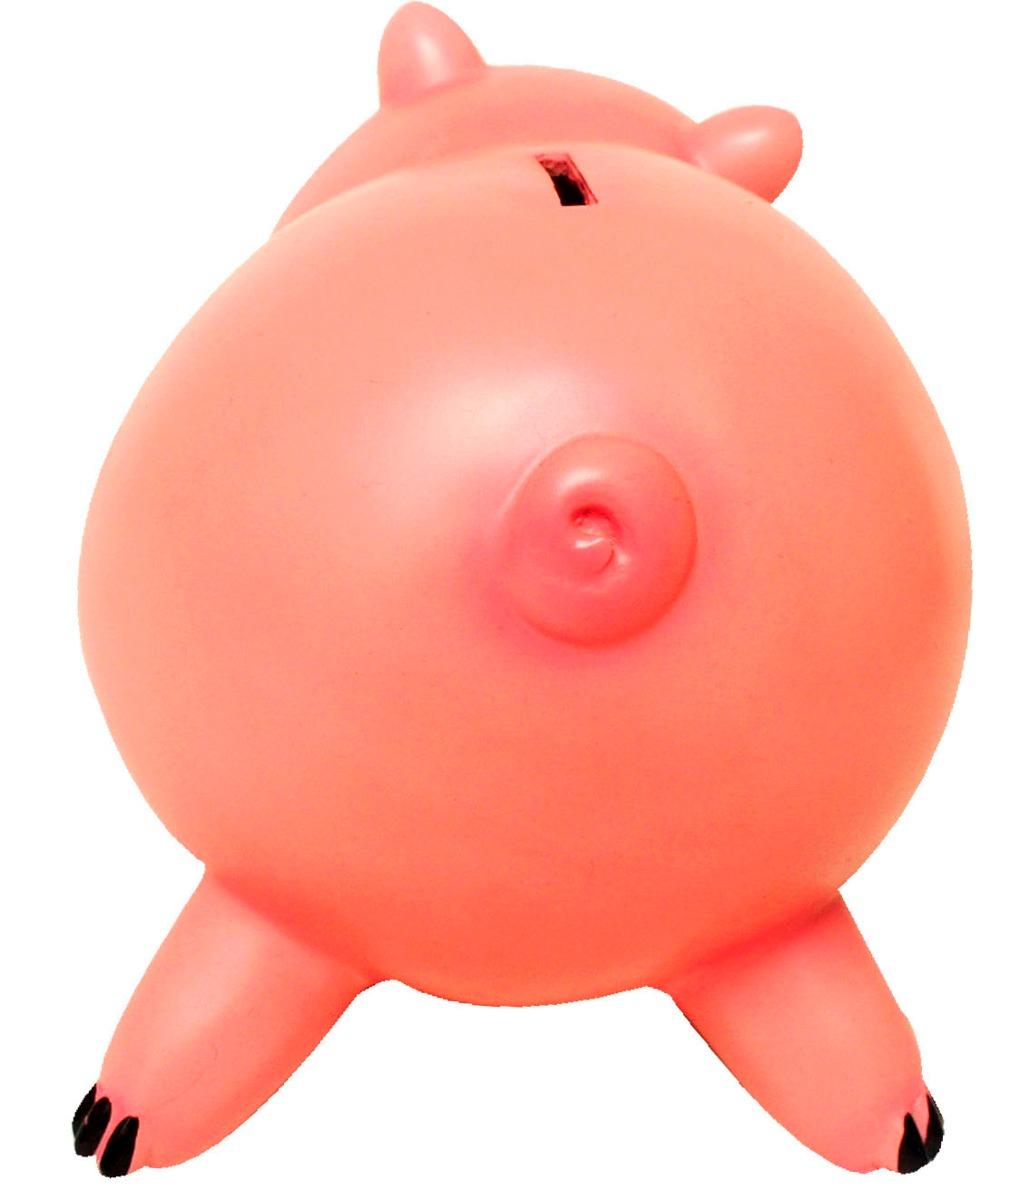 Cerdo ham de la pelicula toy story alcancia en mercado libre - Cochon de toy story ...